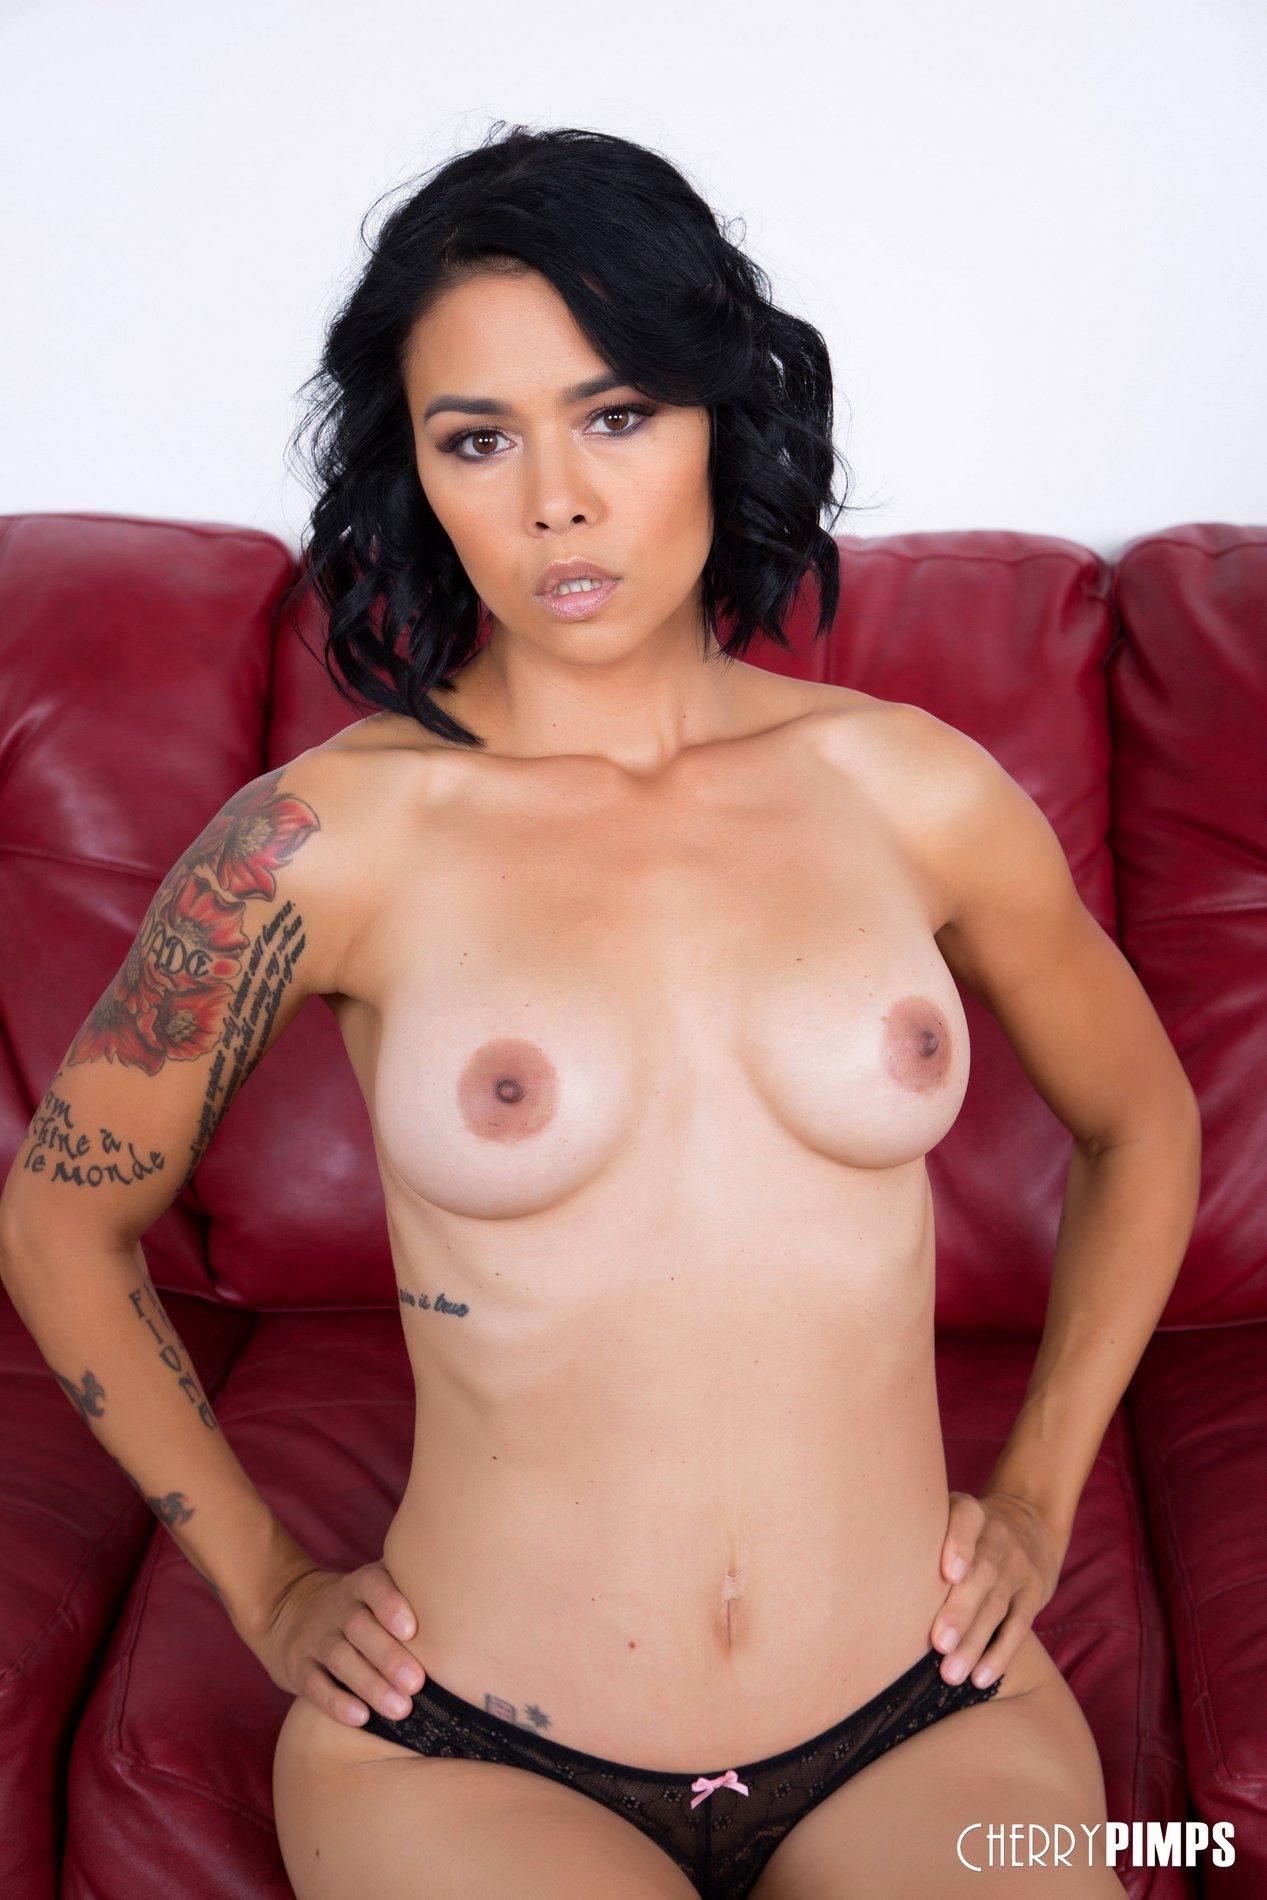 Dana vespoli porn star